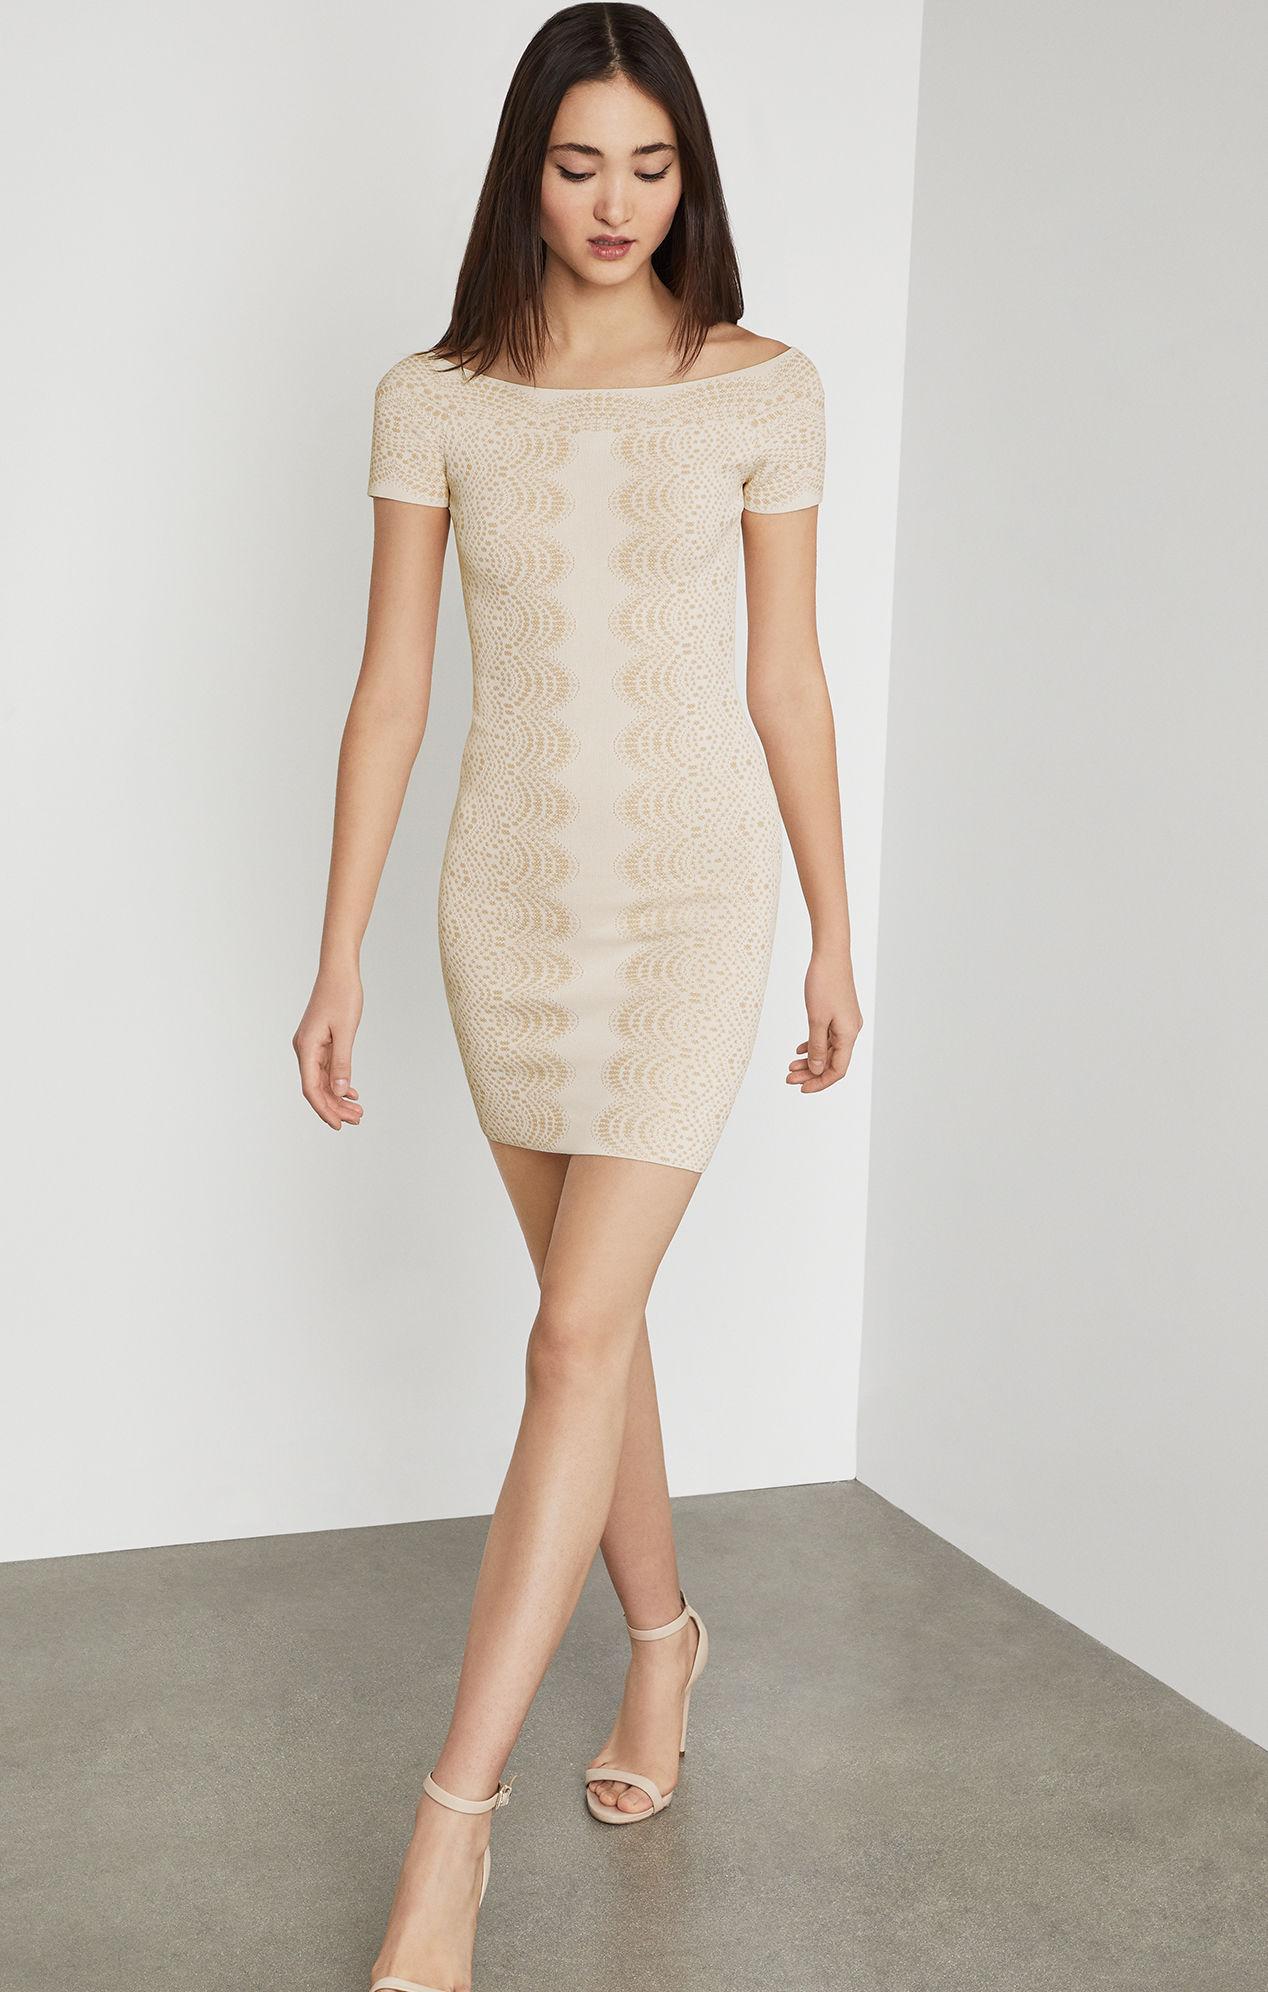 8421c479d57 BCBGMAXAZRIA Bcbg Kisha Off-the-shoulder Knit Dress in White - Lyst